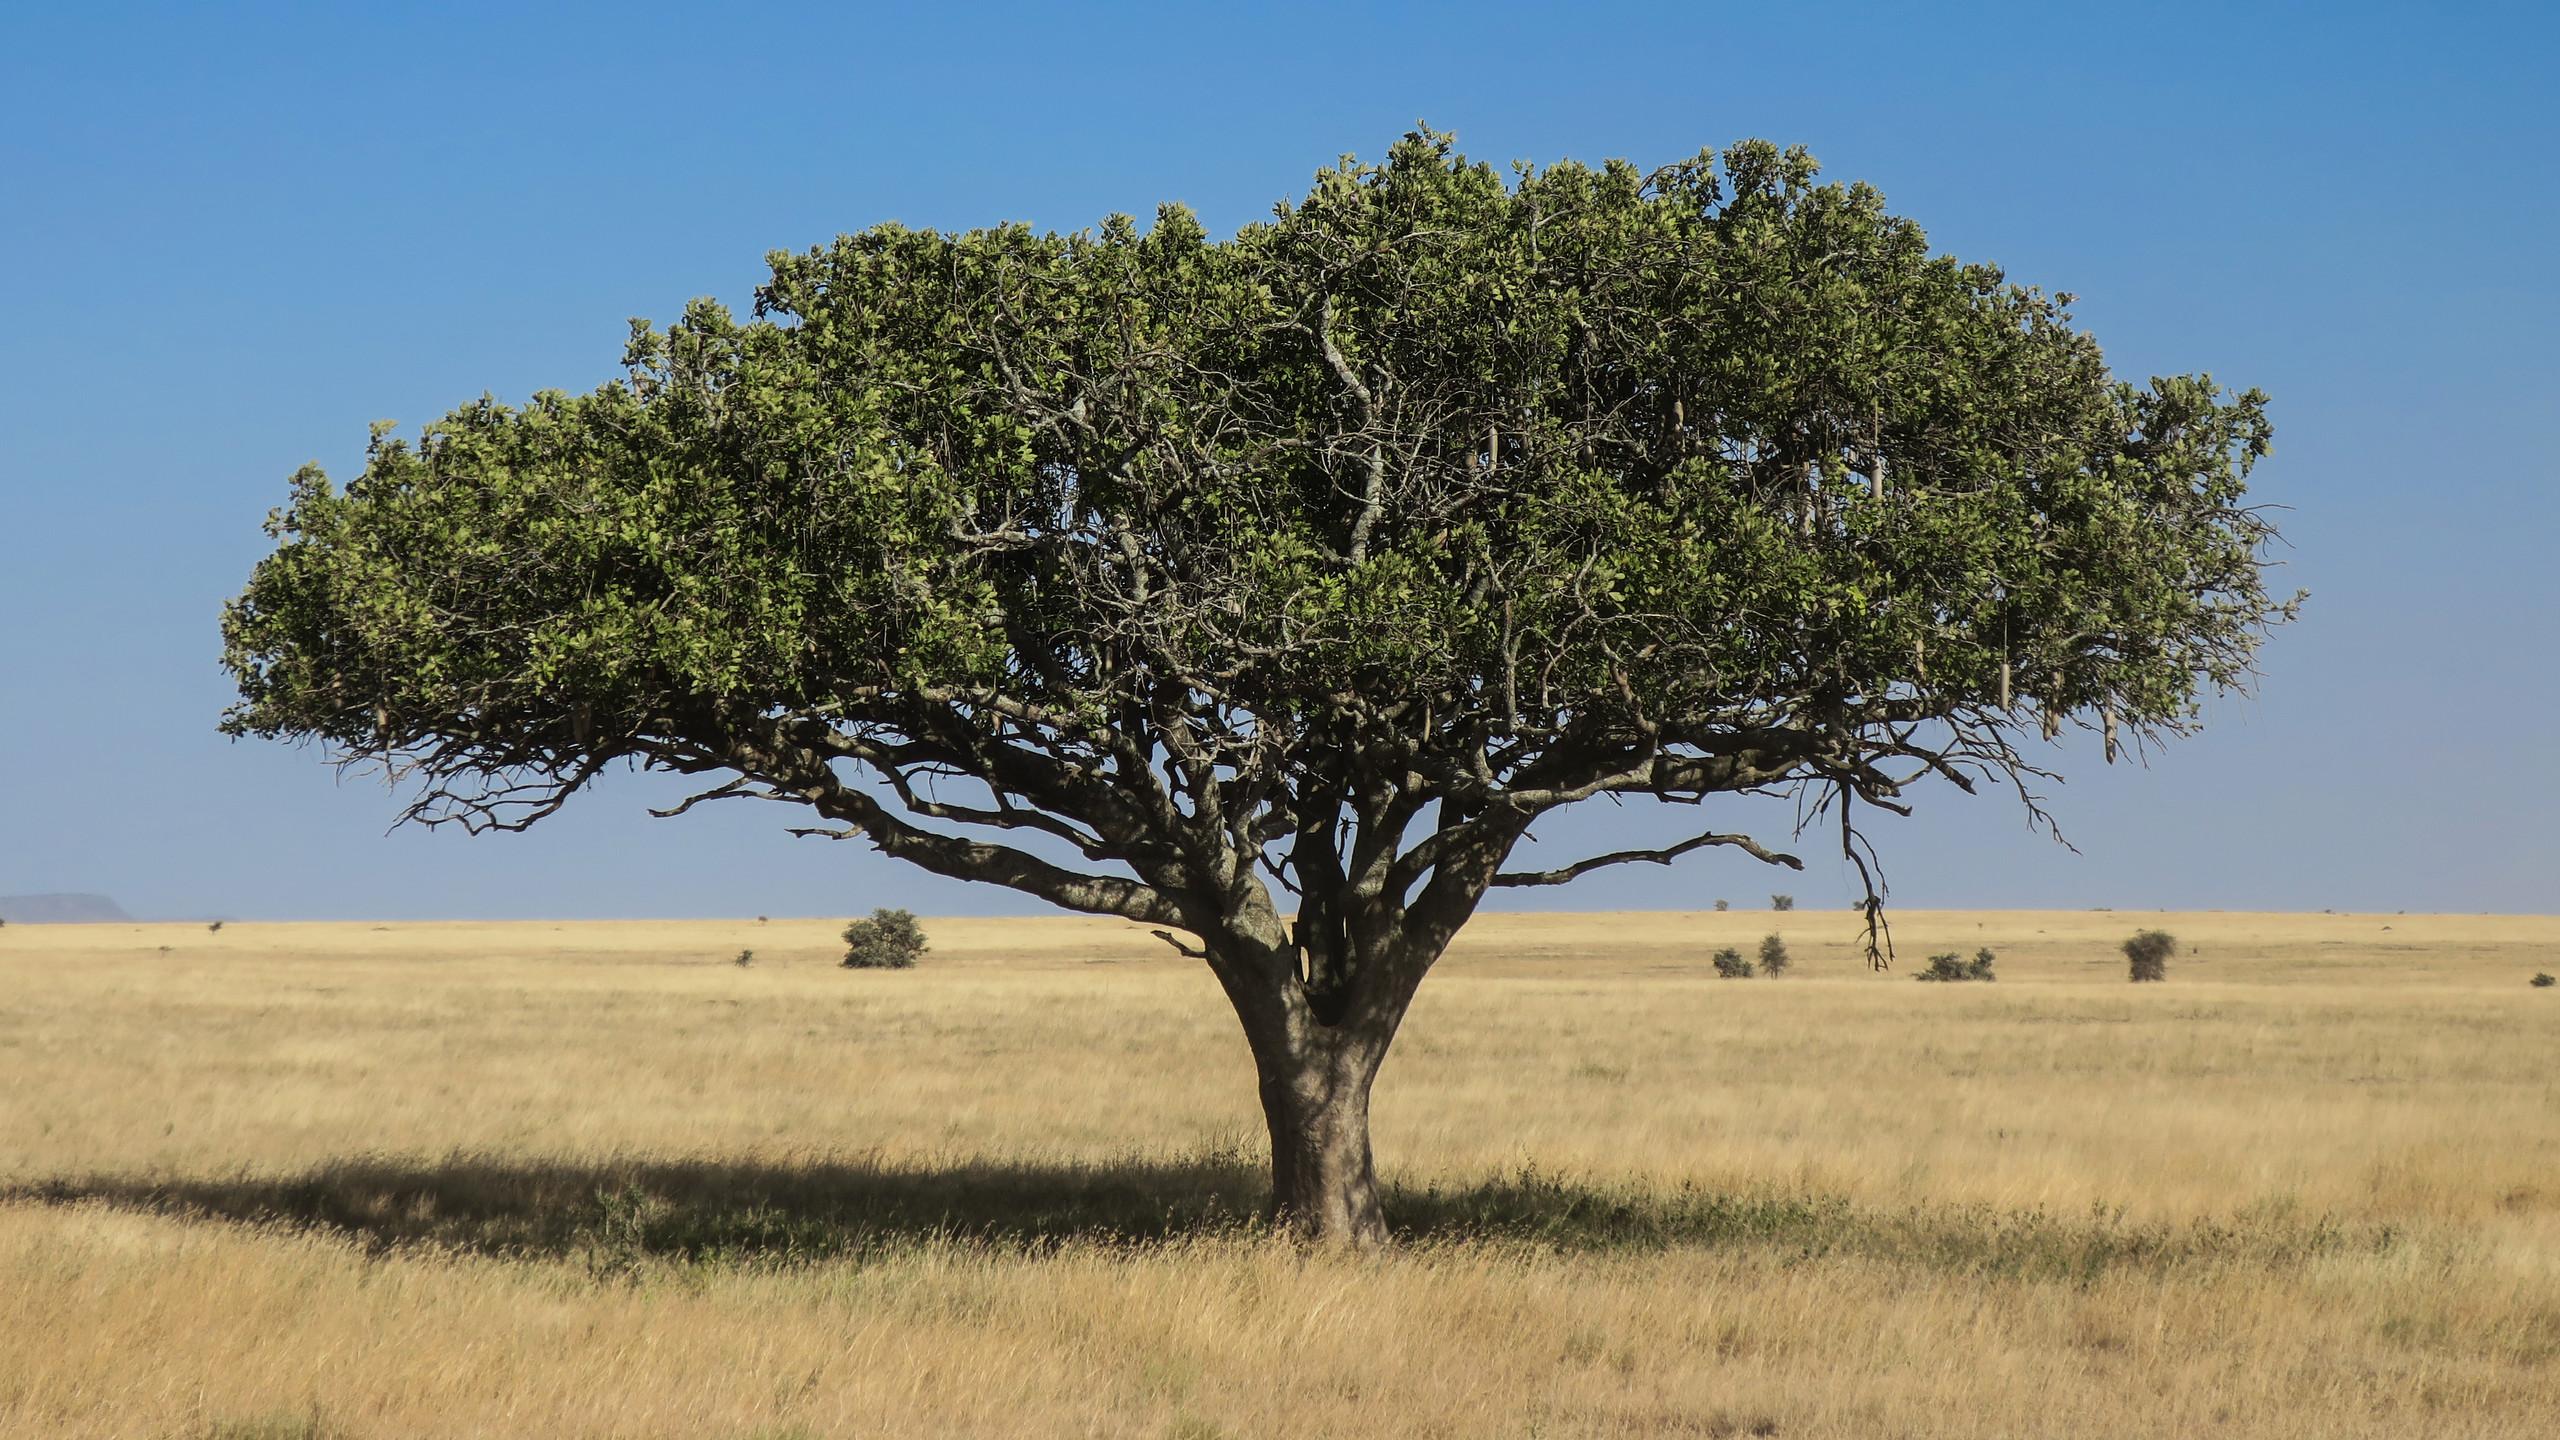 Stunning Serengeti